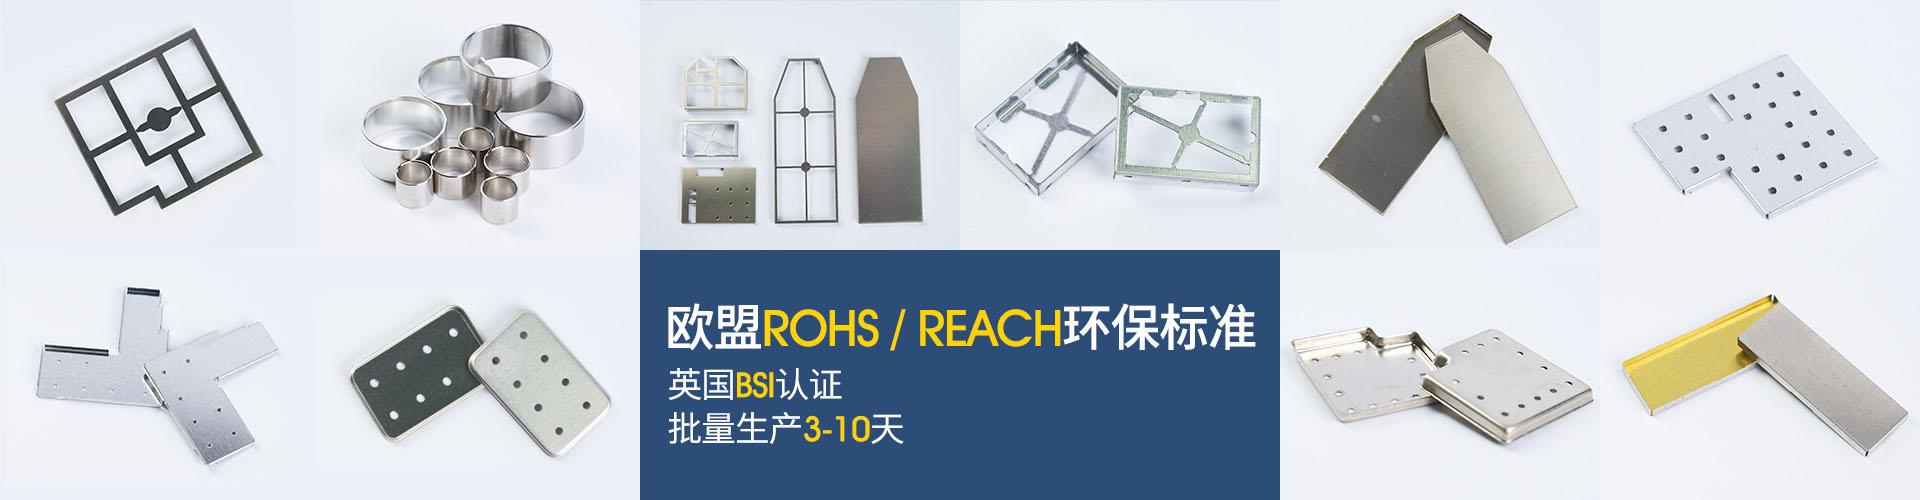 ��杈剧簿宸ュ��界僵娆х��ROHS/REACH��淇�����